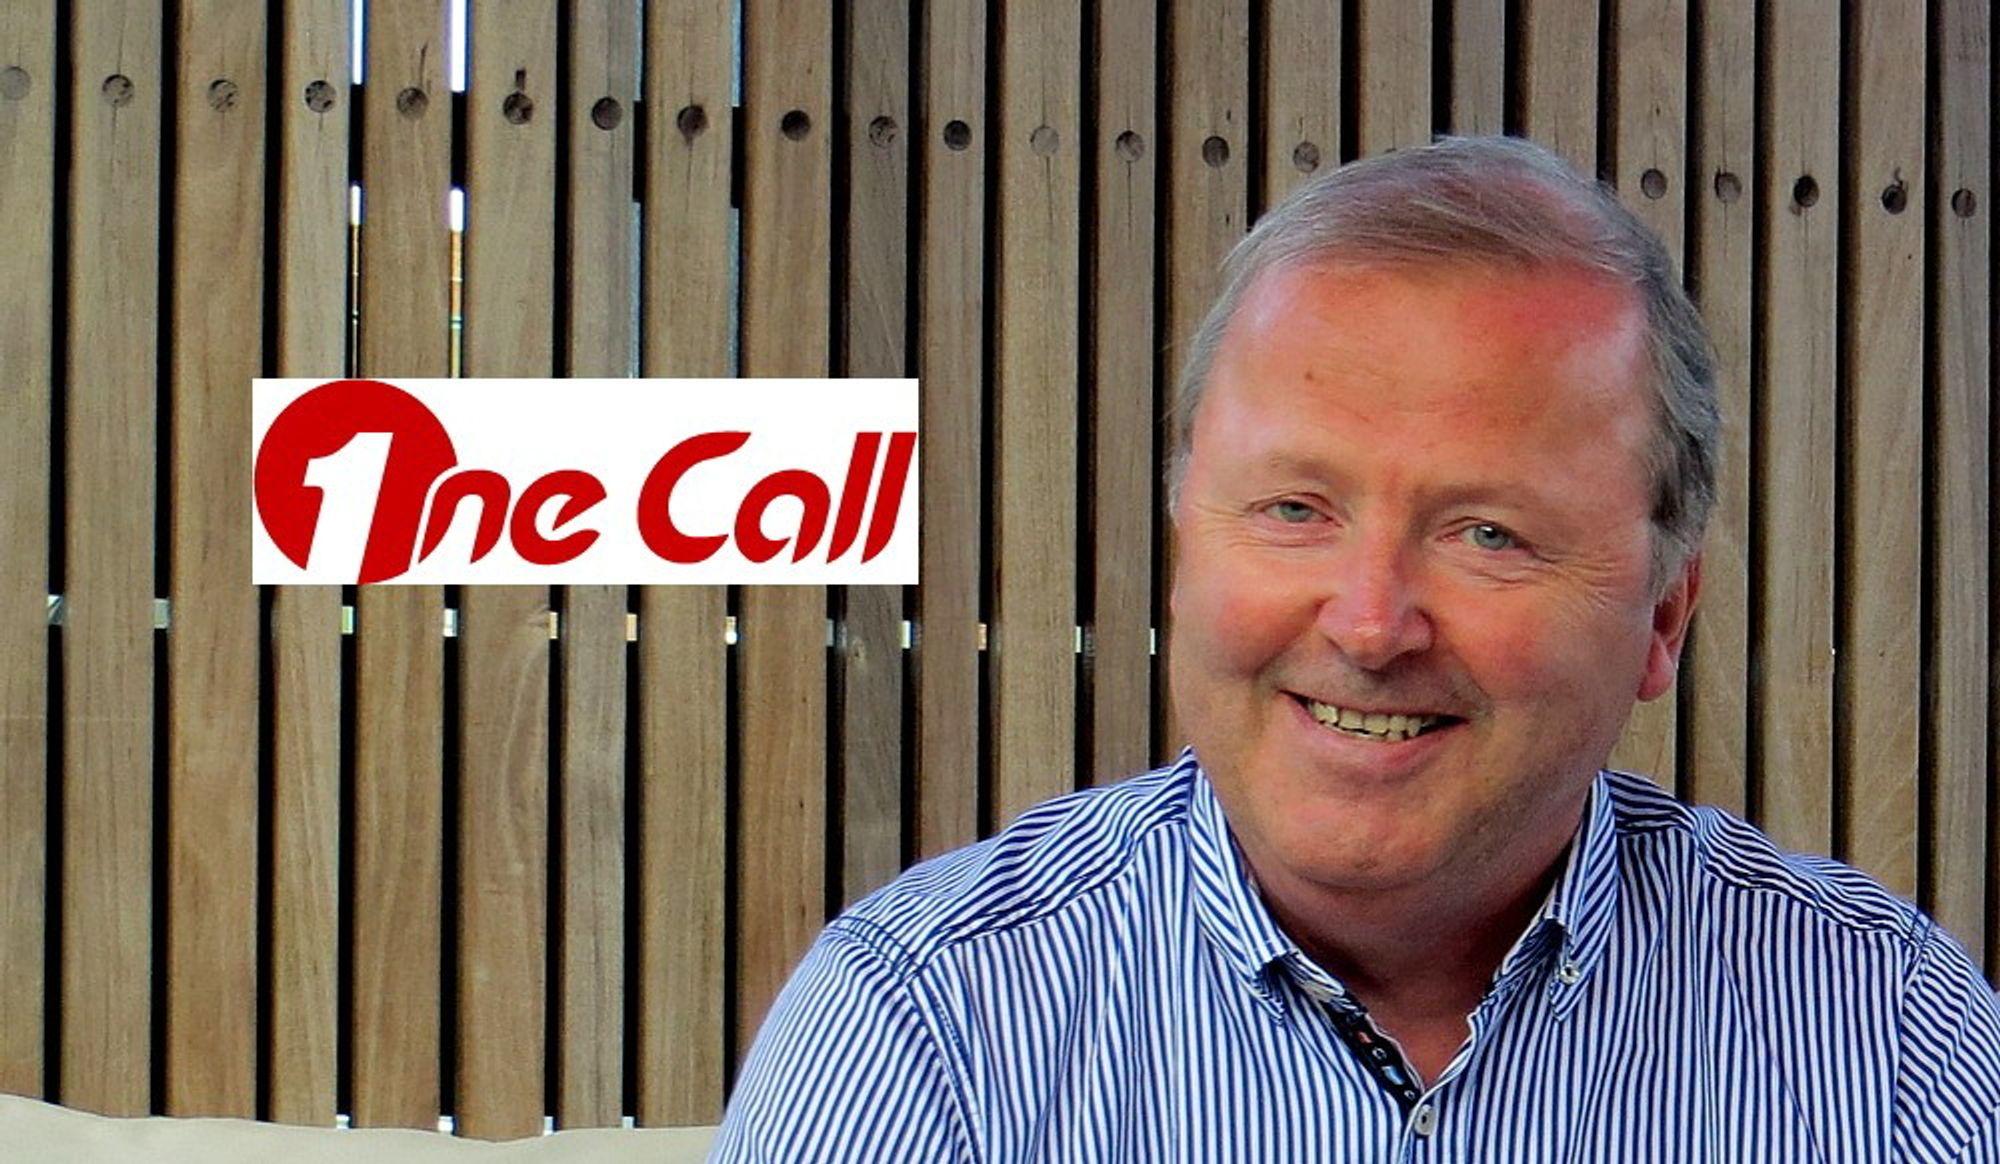 Øystein Eriksen er direktør i One Call. Nå tar han til orde for å stoppe en utbredt praksis blant konkurrenter som ikke ønsker å slippe kundene sine.